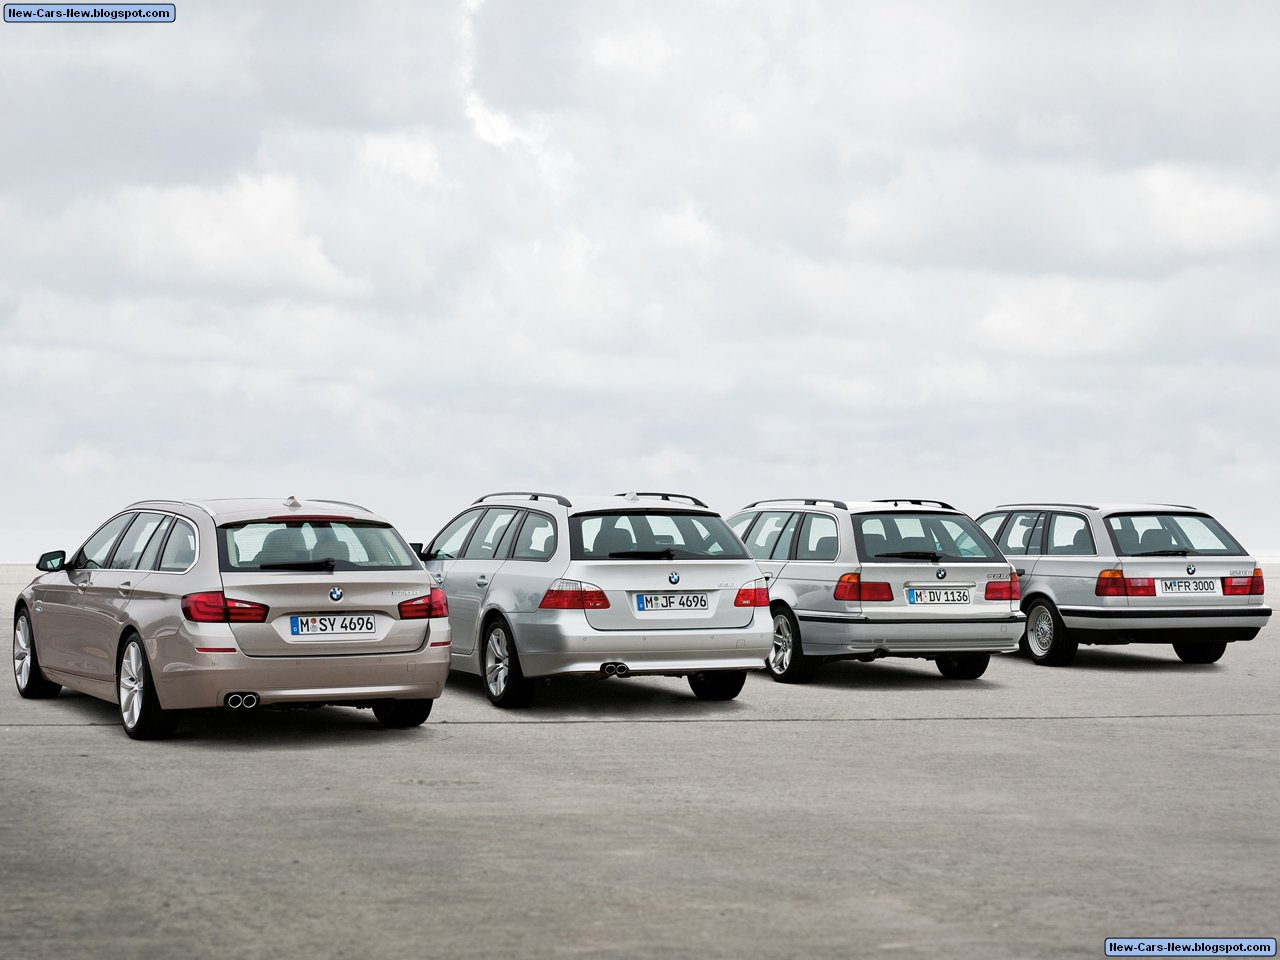 http://4.bp.blogspot.com/_U4w592tUDHM/TCMRY08XB1I/AAAAAAAADNQ/cPPErpkhFVc/s1600/BMW-5-Series_Touring_2011_1280x960_wallpaper_04.jpg